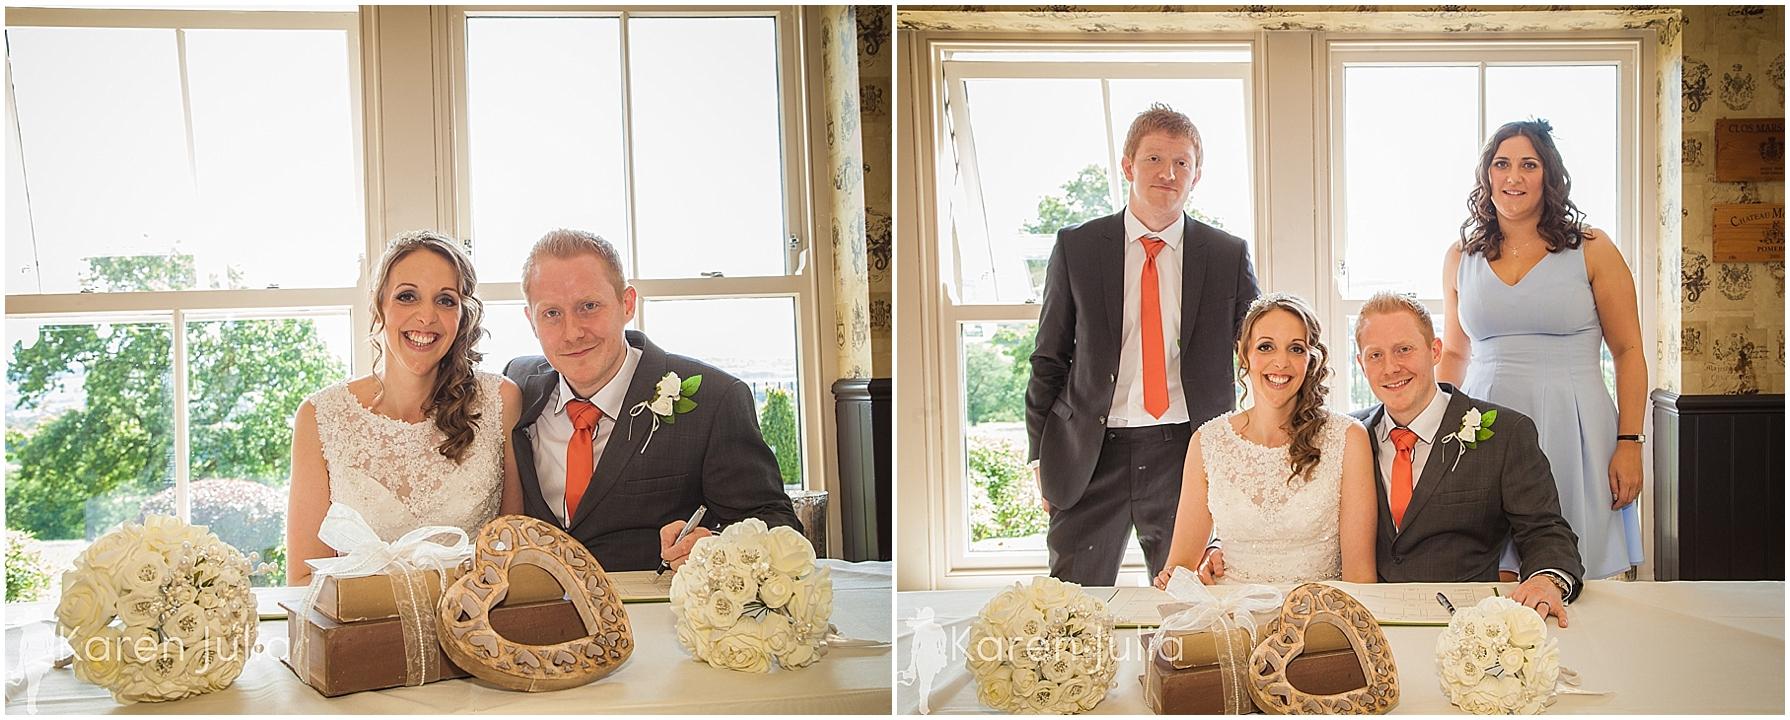 Shireburn-Arms-Wedding-Photography-25